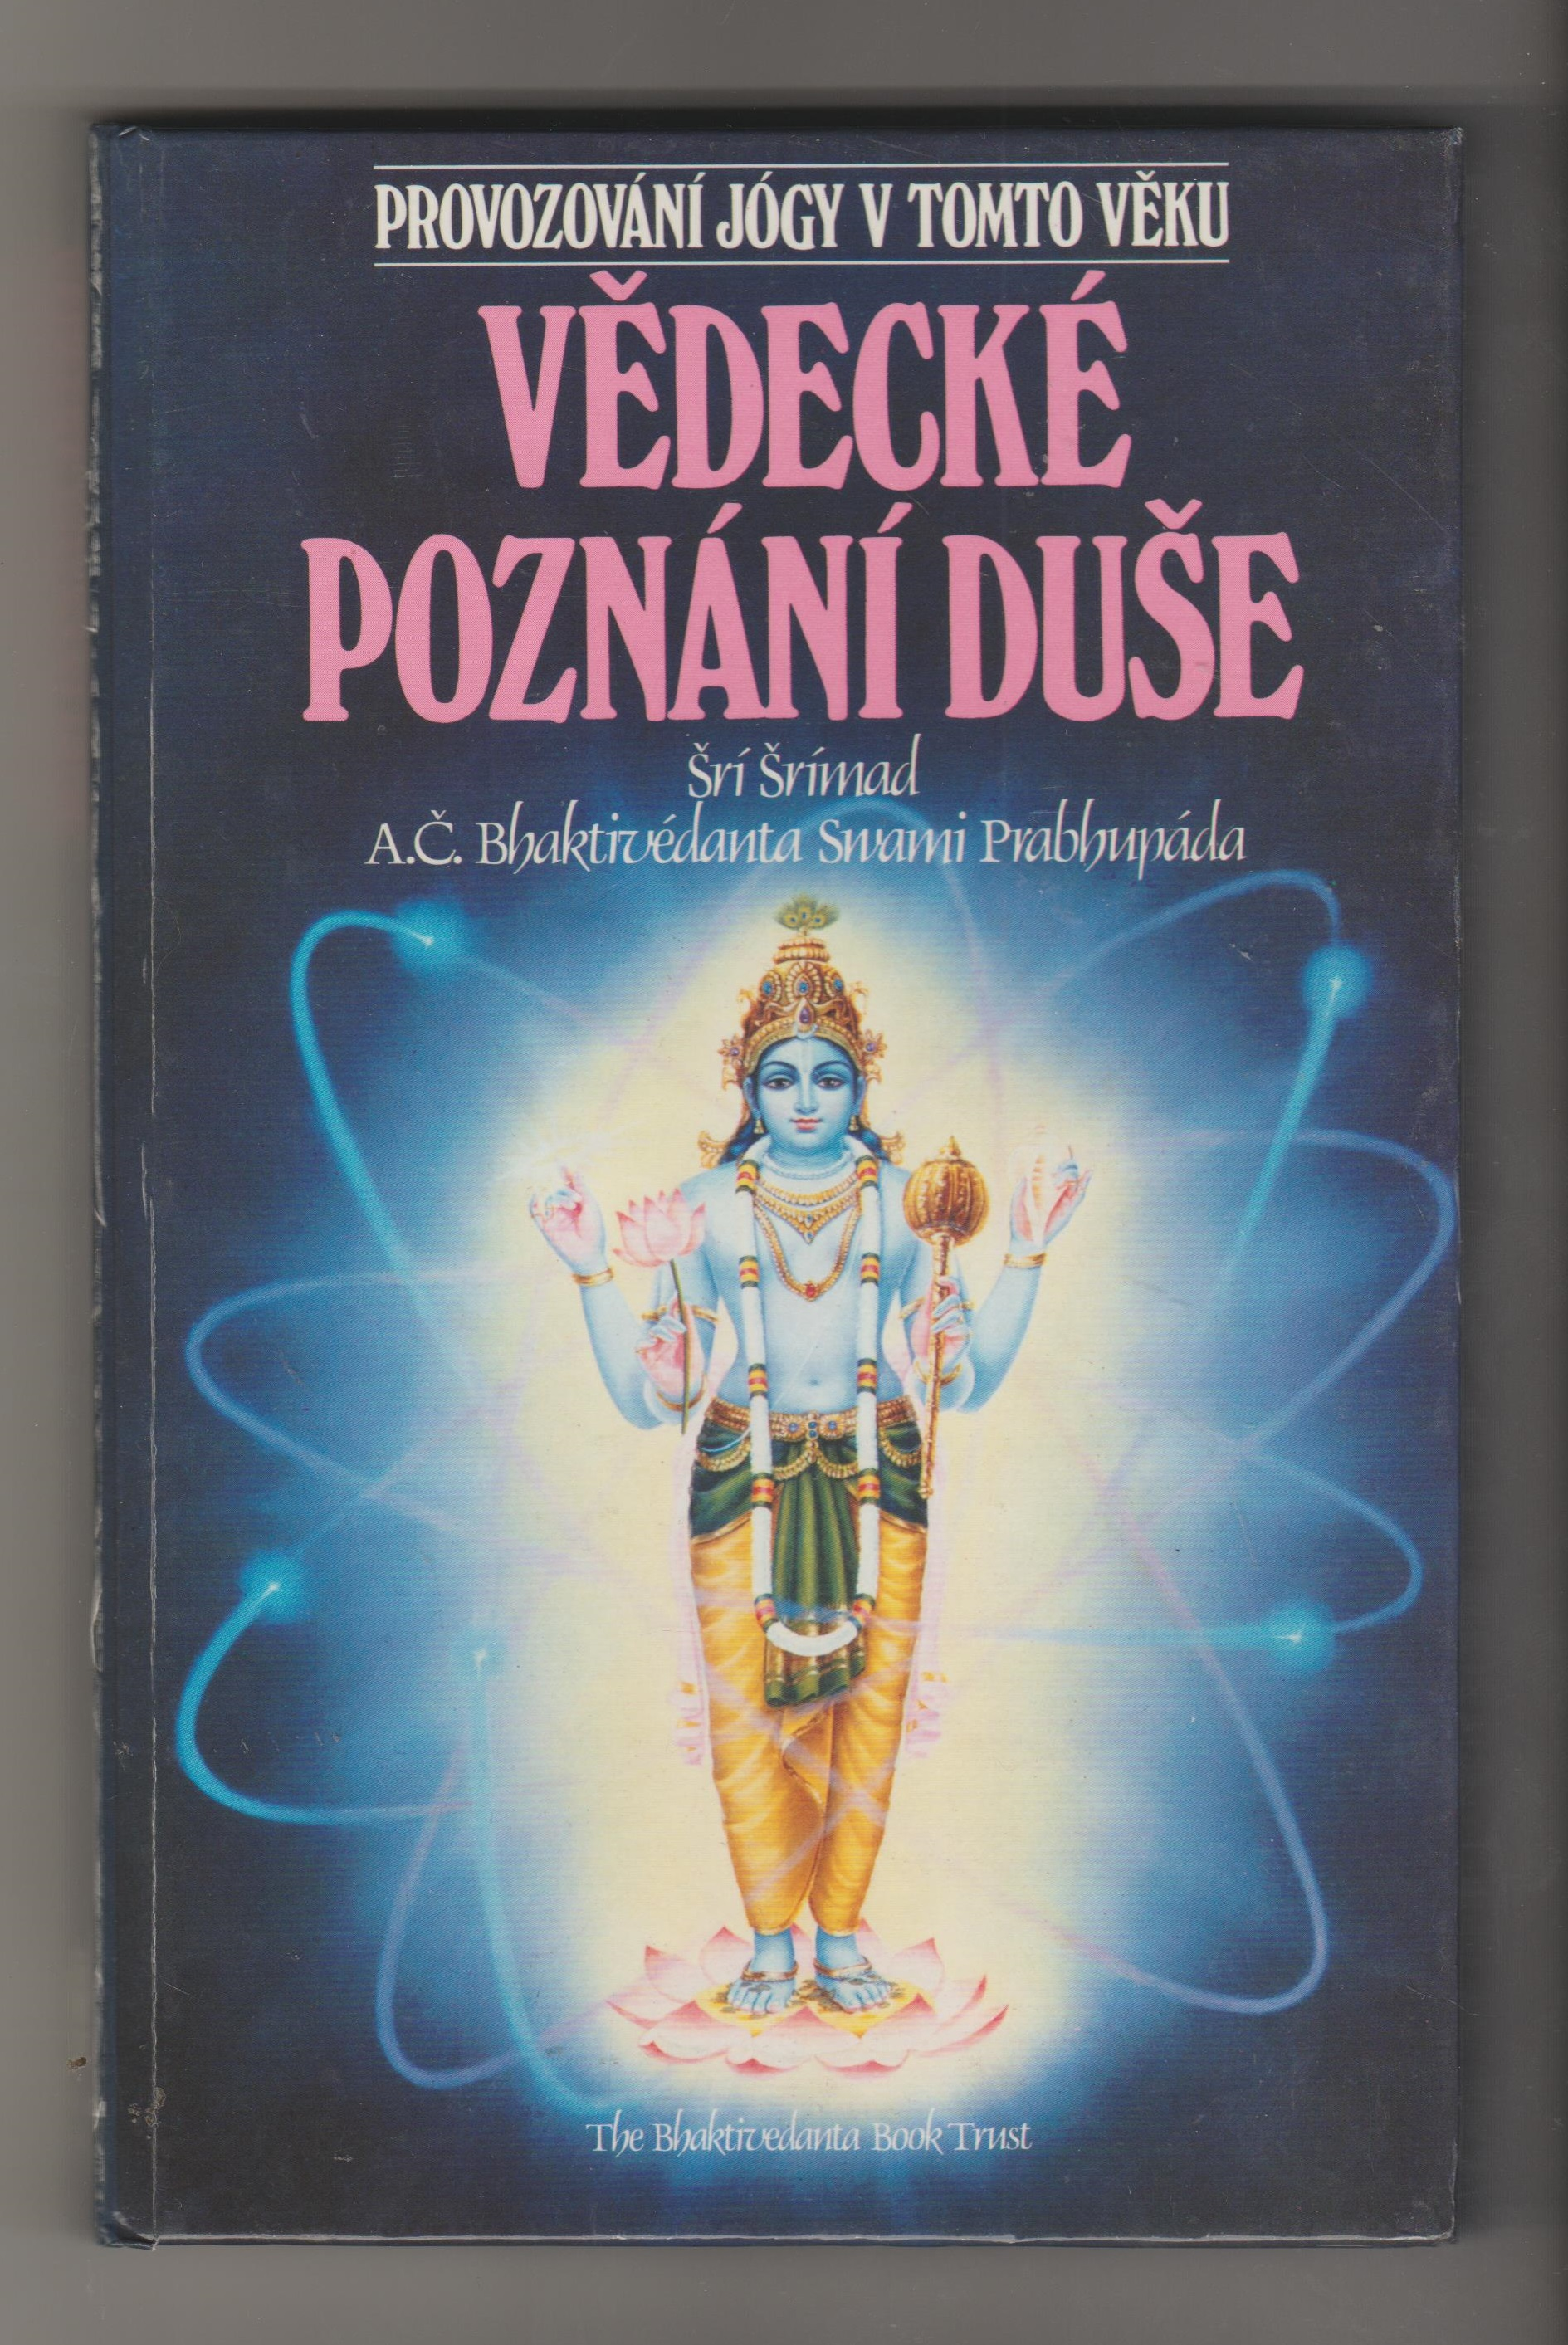 Vědecké poznání duše, provozování jógy v tomto věku - Šrí Šrímad A. Č. Bhaktivédanta Swami Prabhupáda